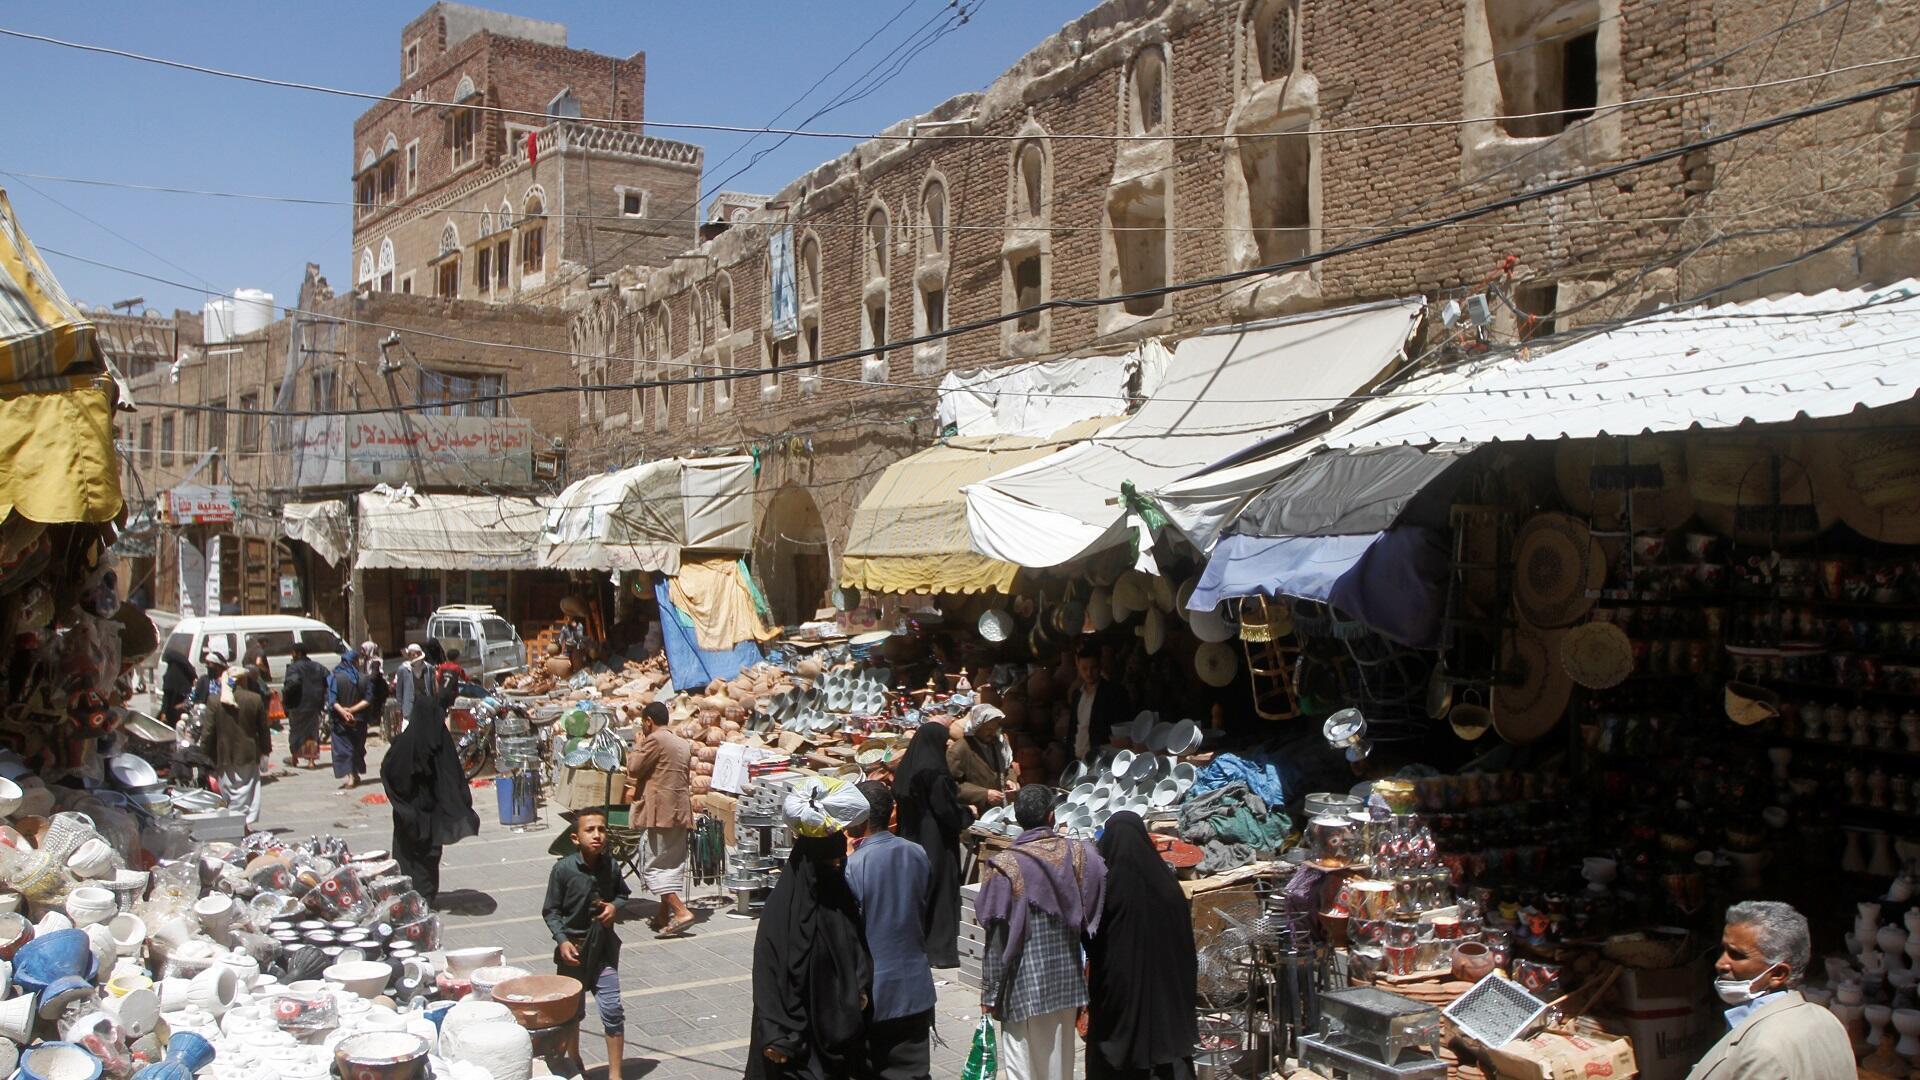 سوق شعبية بالعاصمة اليمنية صنعاء، 9 أبريل/نيسان 2020.